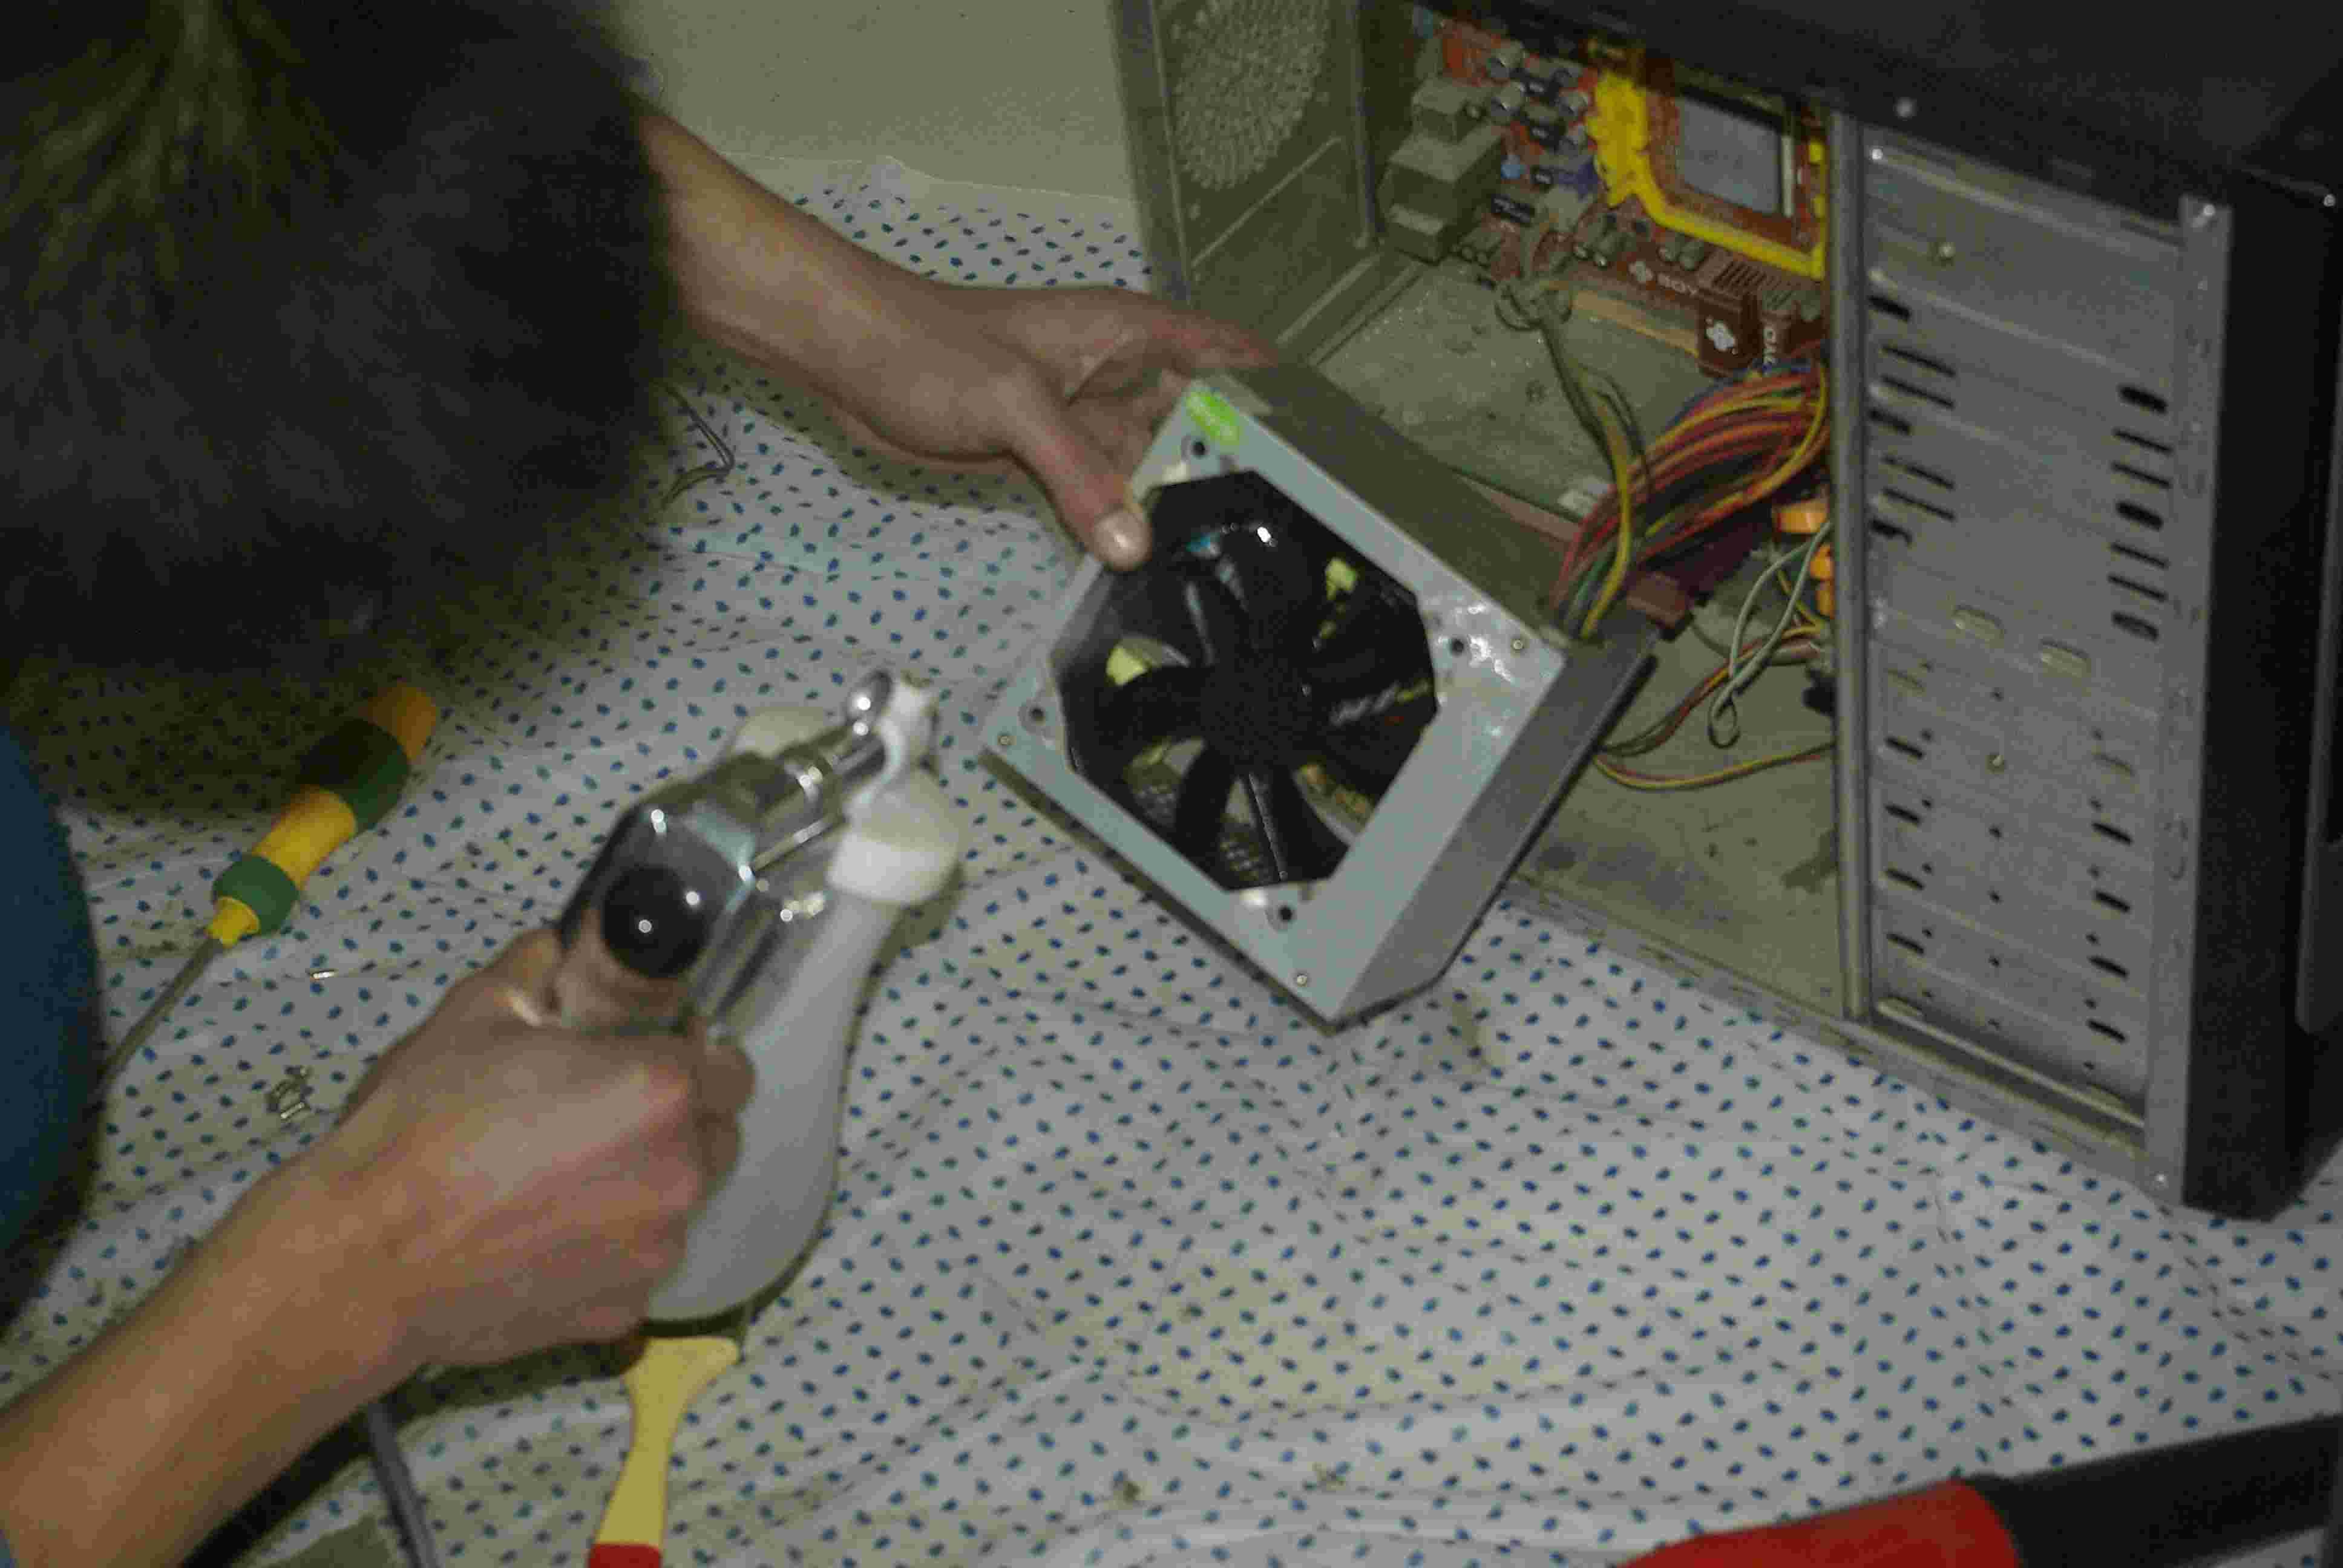 清洗电脑的步骤